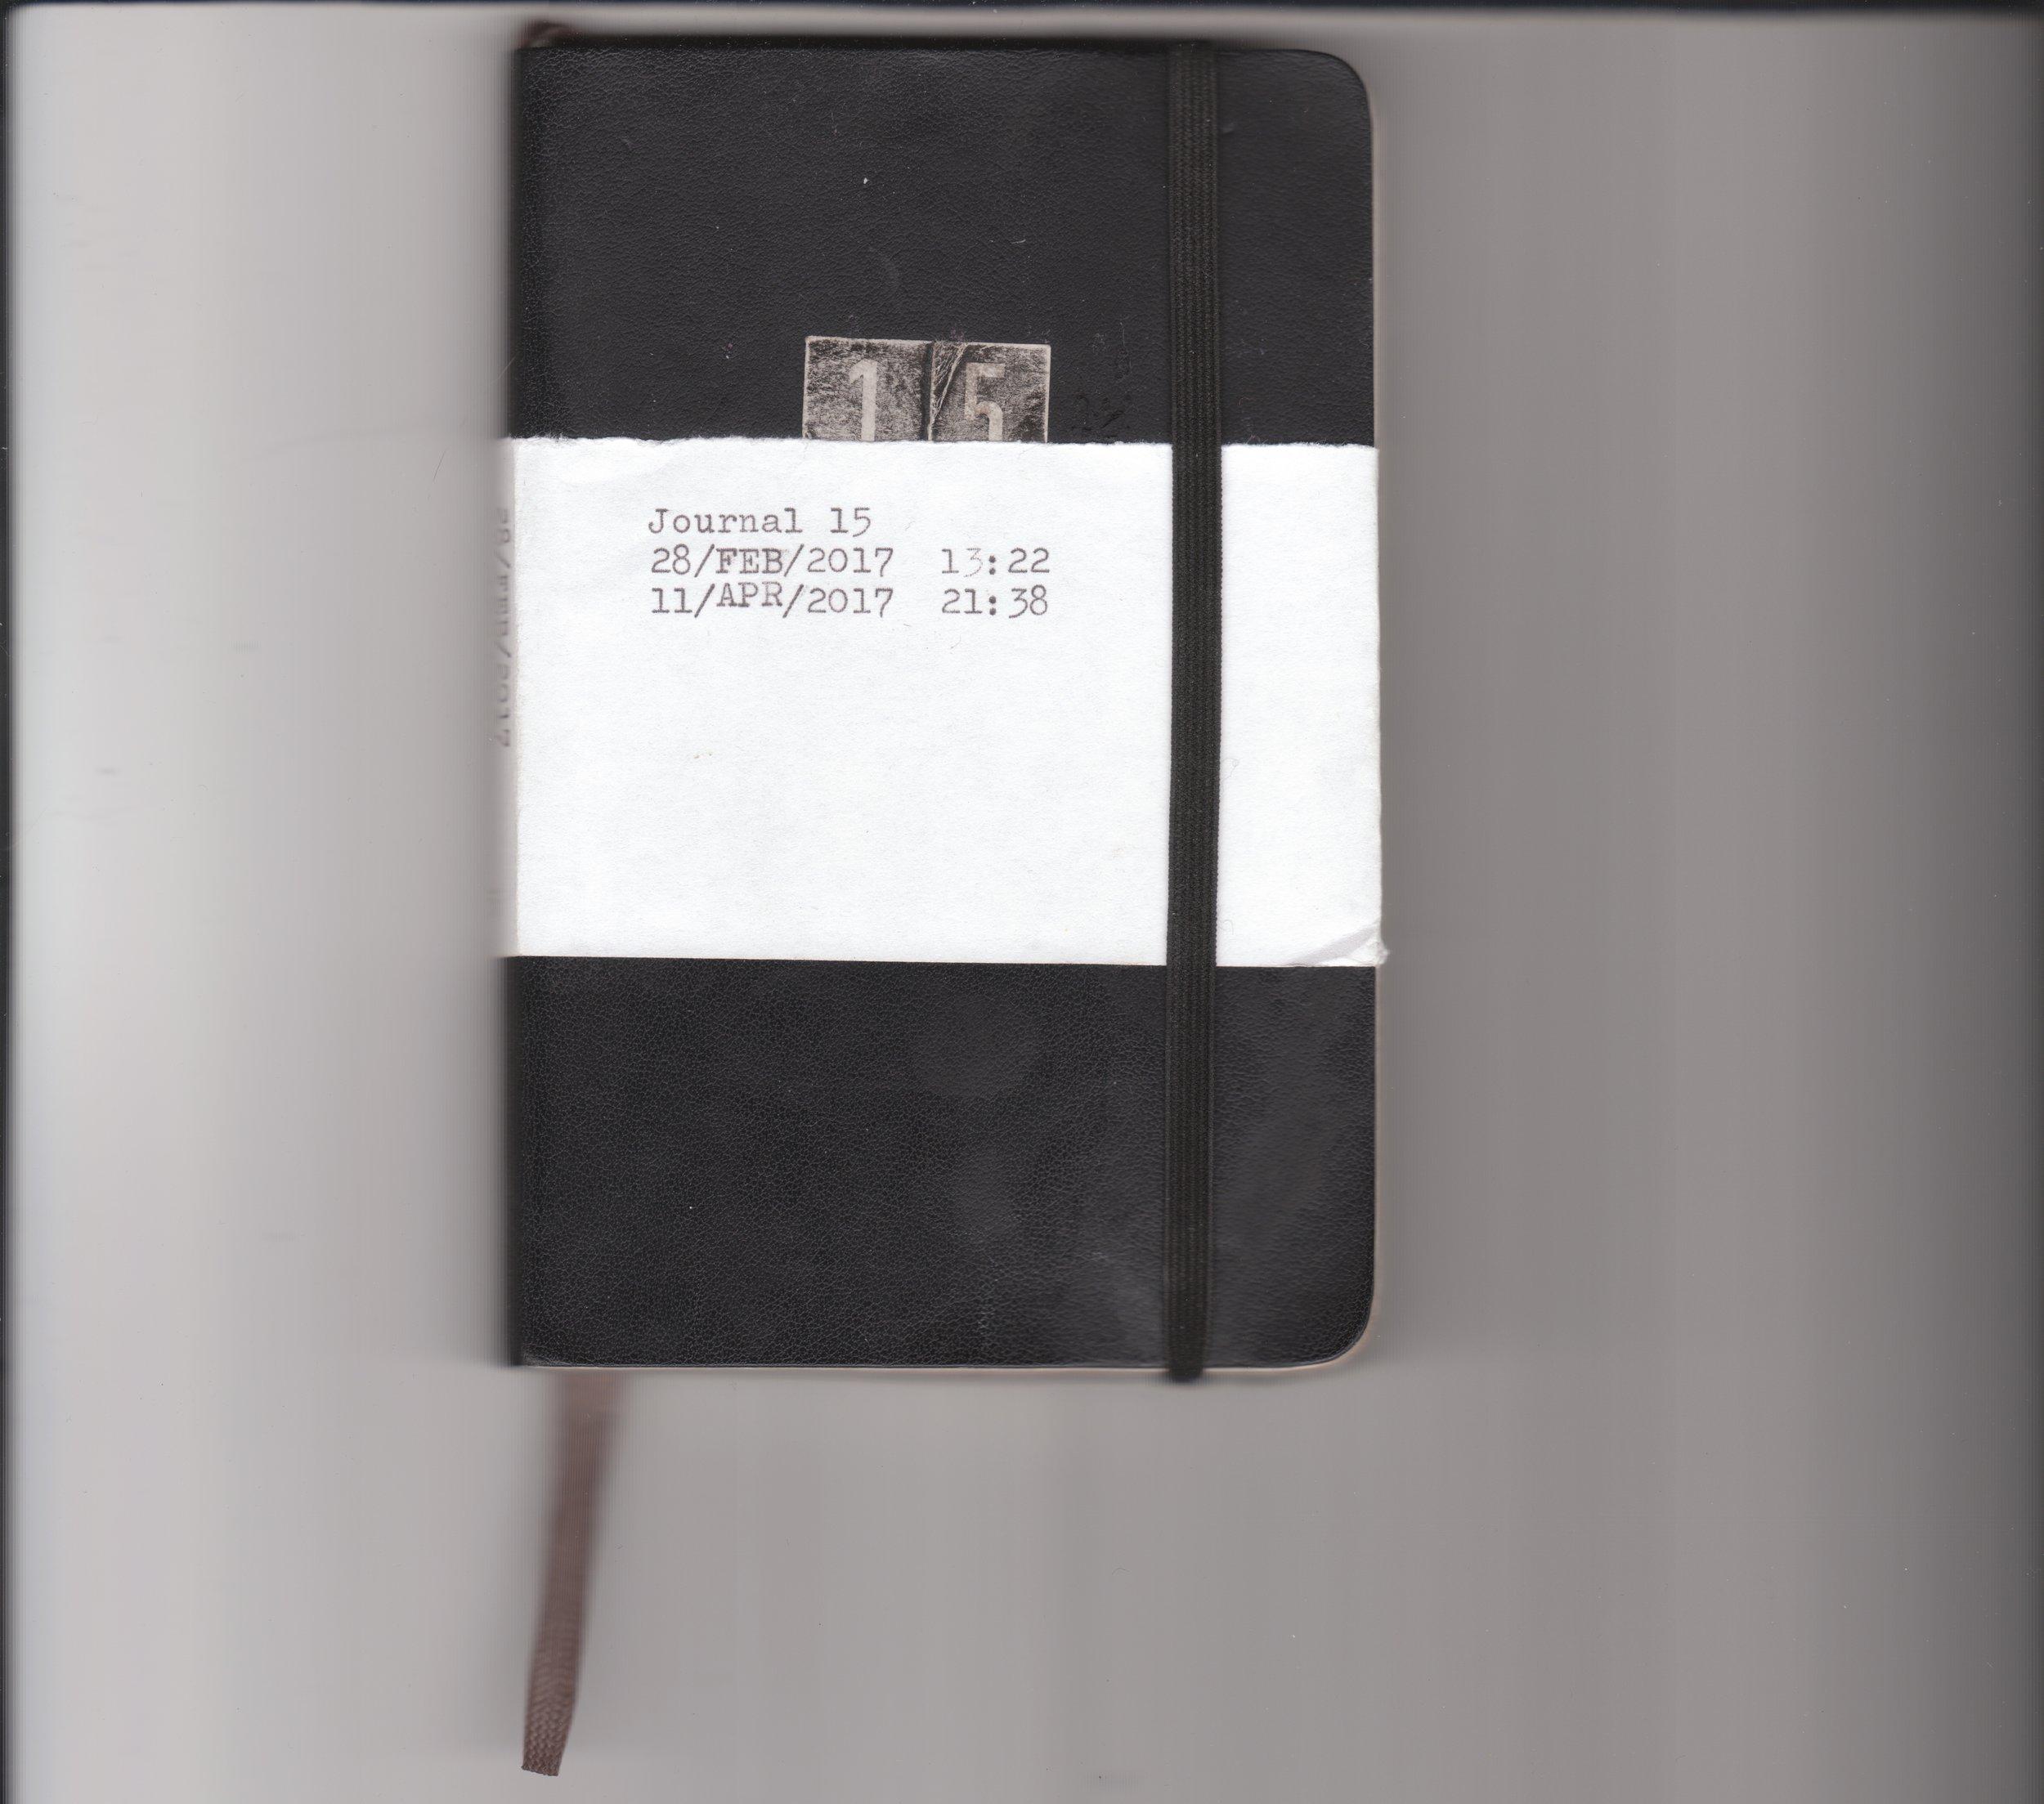 Journal 15